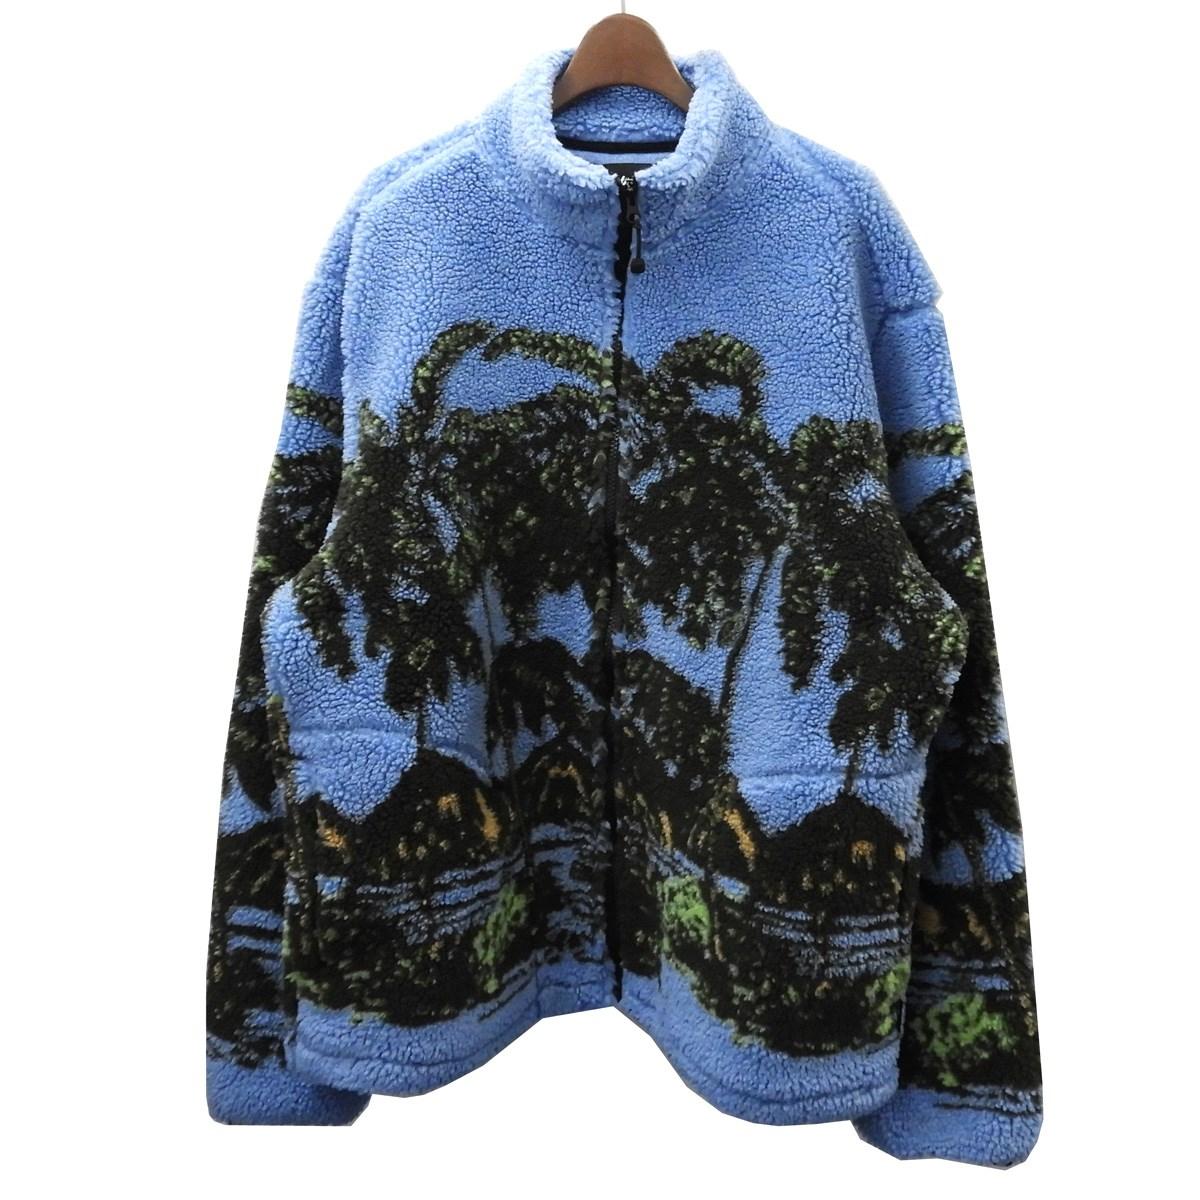 【中古】Stussy 「HAWAIIAN JACQUARD MOCK」ハワイアンジャガードフリースジャケット ブルー サイズ:L 【160420】(ステューシー)